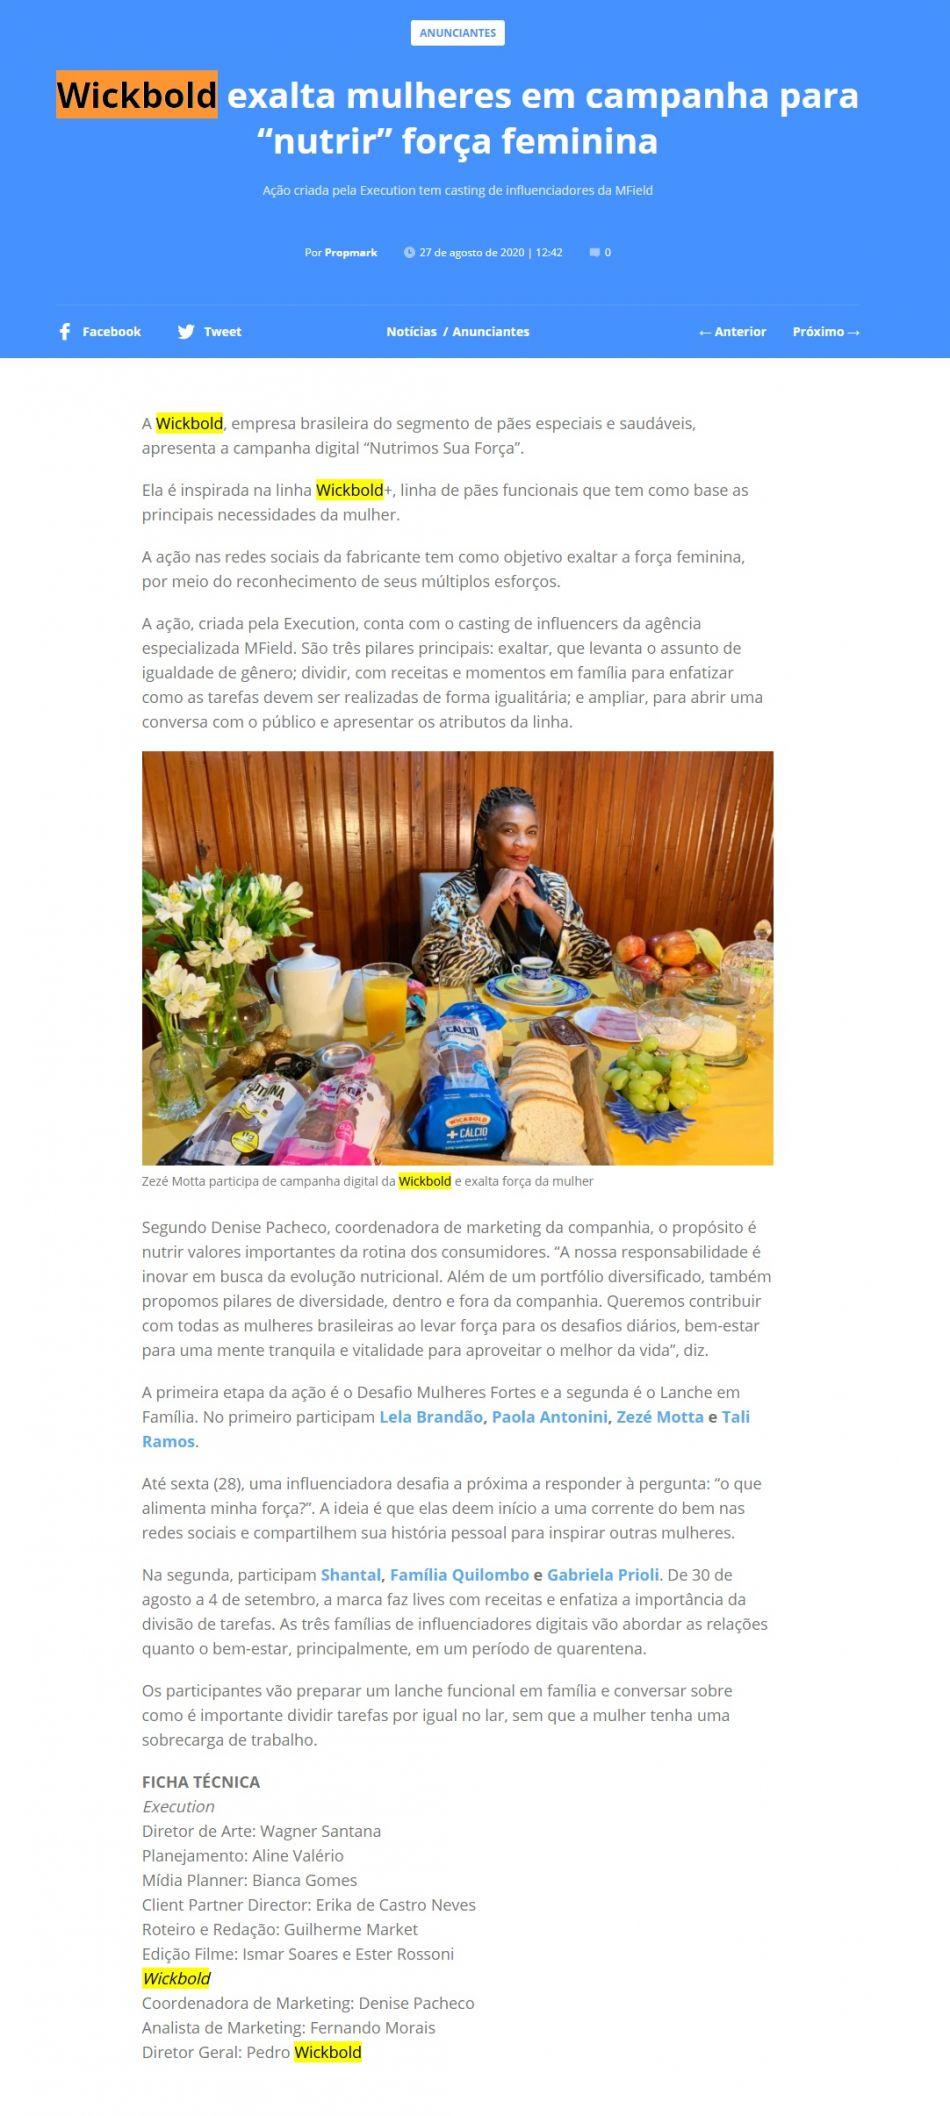 """Wickbold exalta mulheres em campanha para """"nutrir"""" força feminina - Propmark"""